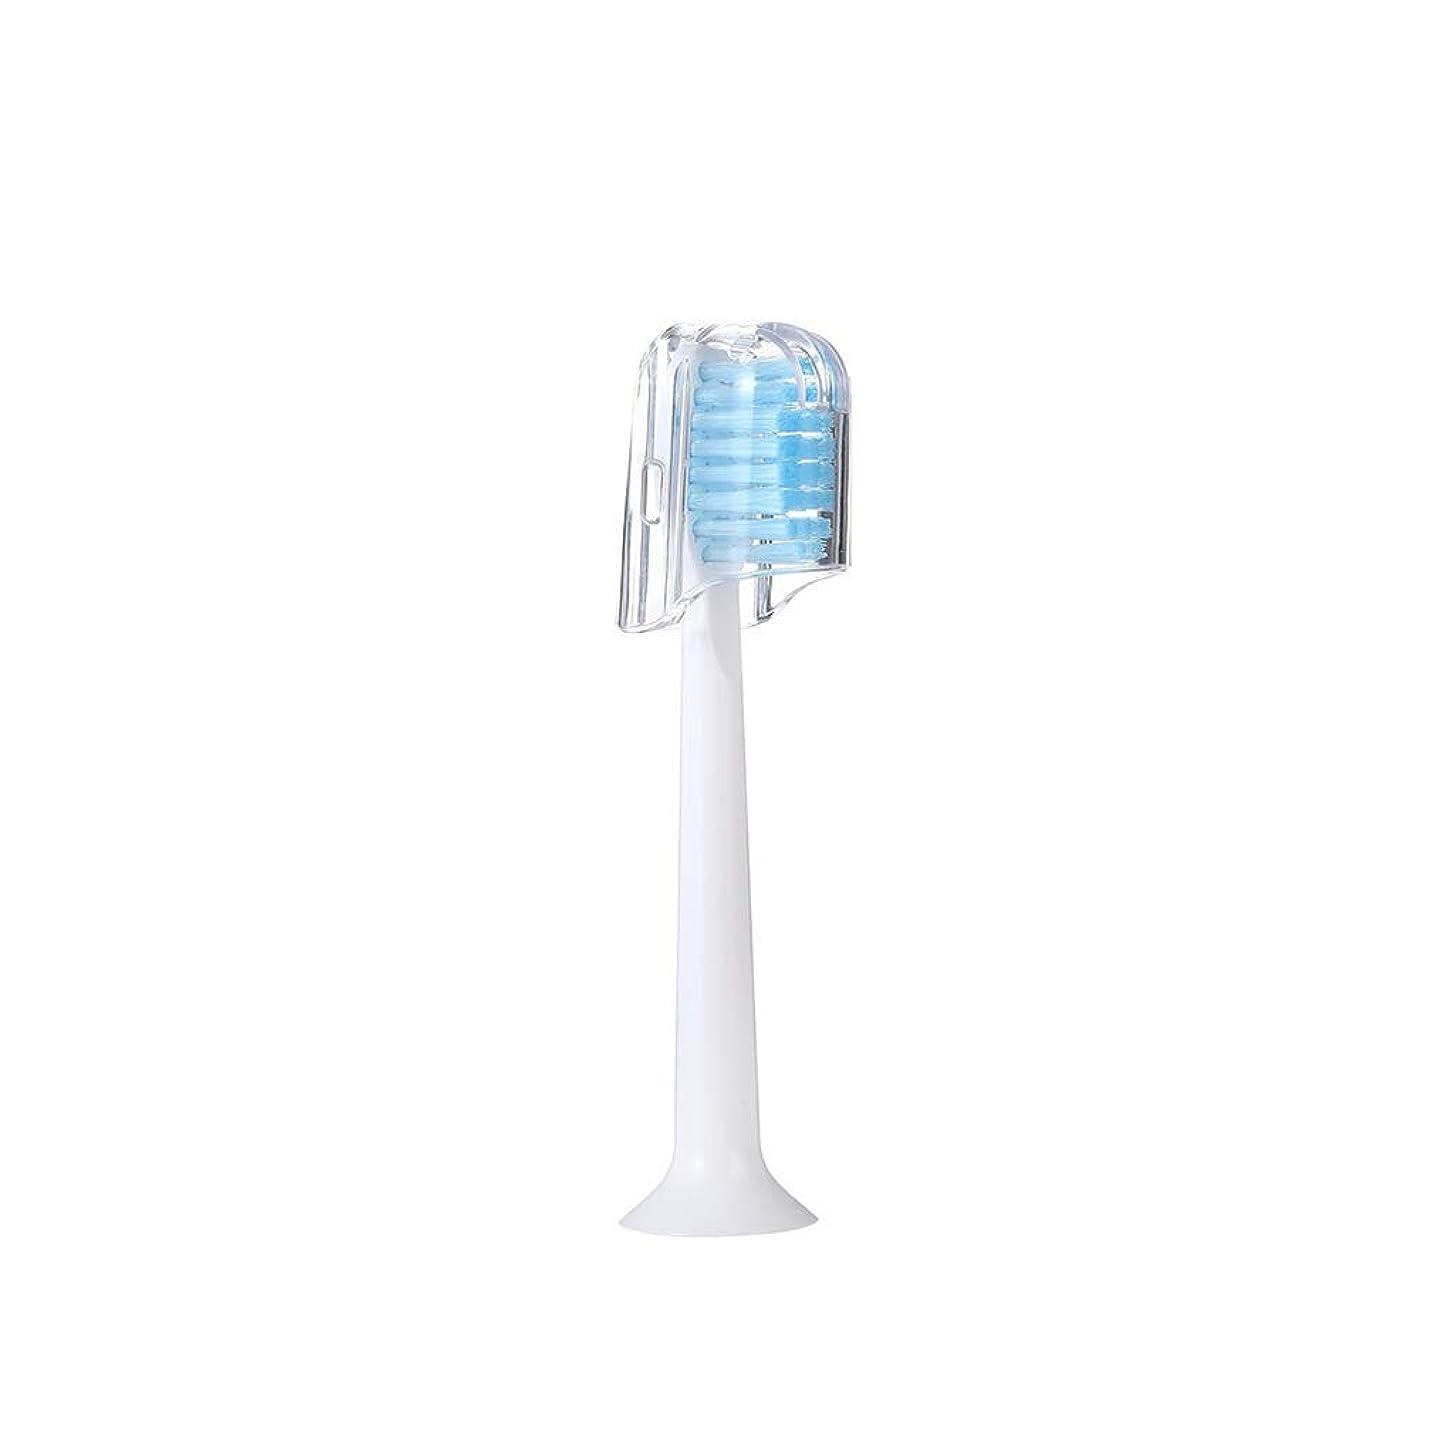 バスケットボールブランク苦しみ電動歯ブラシ 音波電動歯ブラシ明るい白い歯のケア舌スマートなUSB歯ブラシおしゃぶりグレードの剛毛 (色 : A)